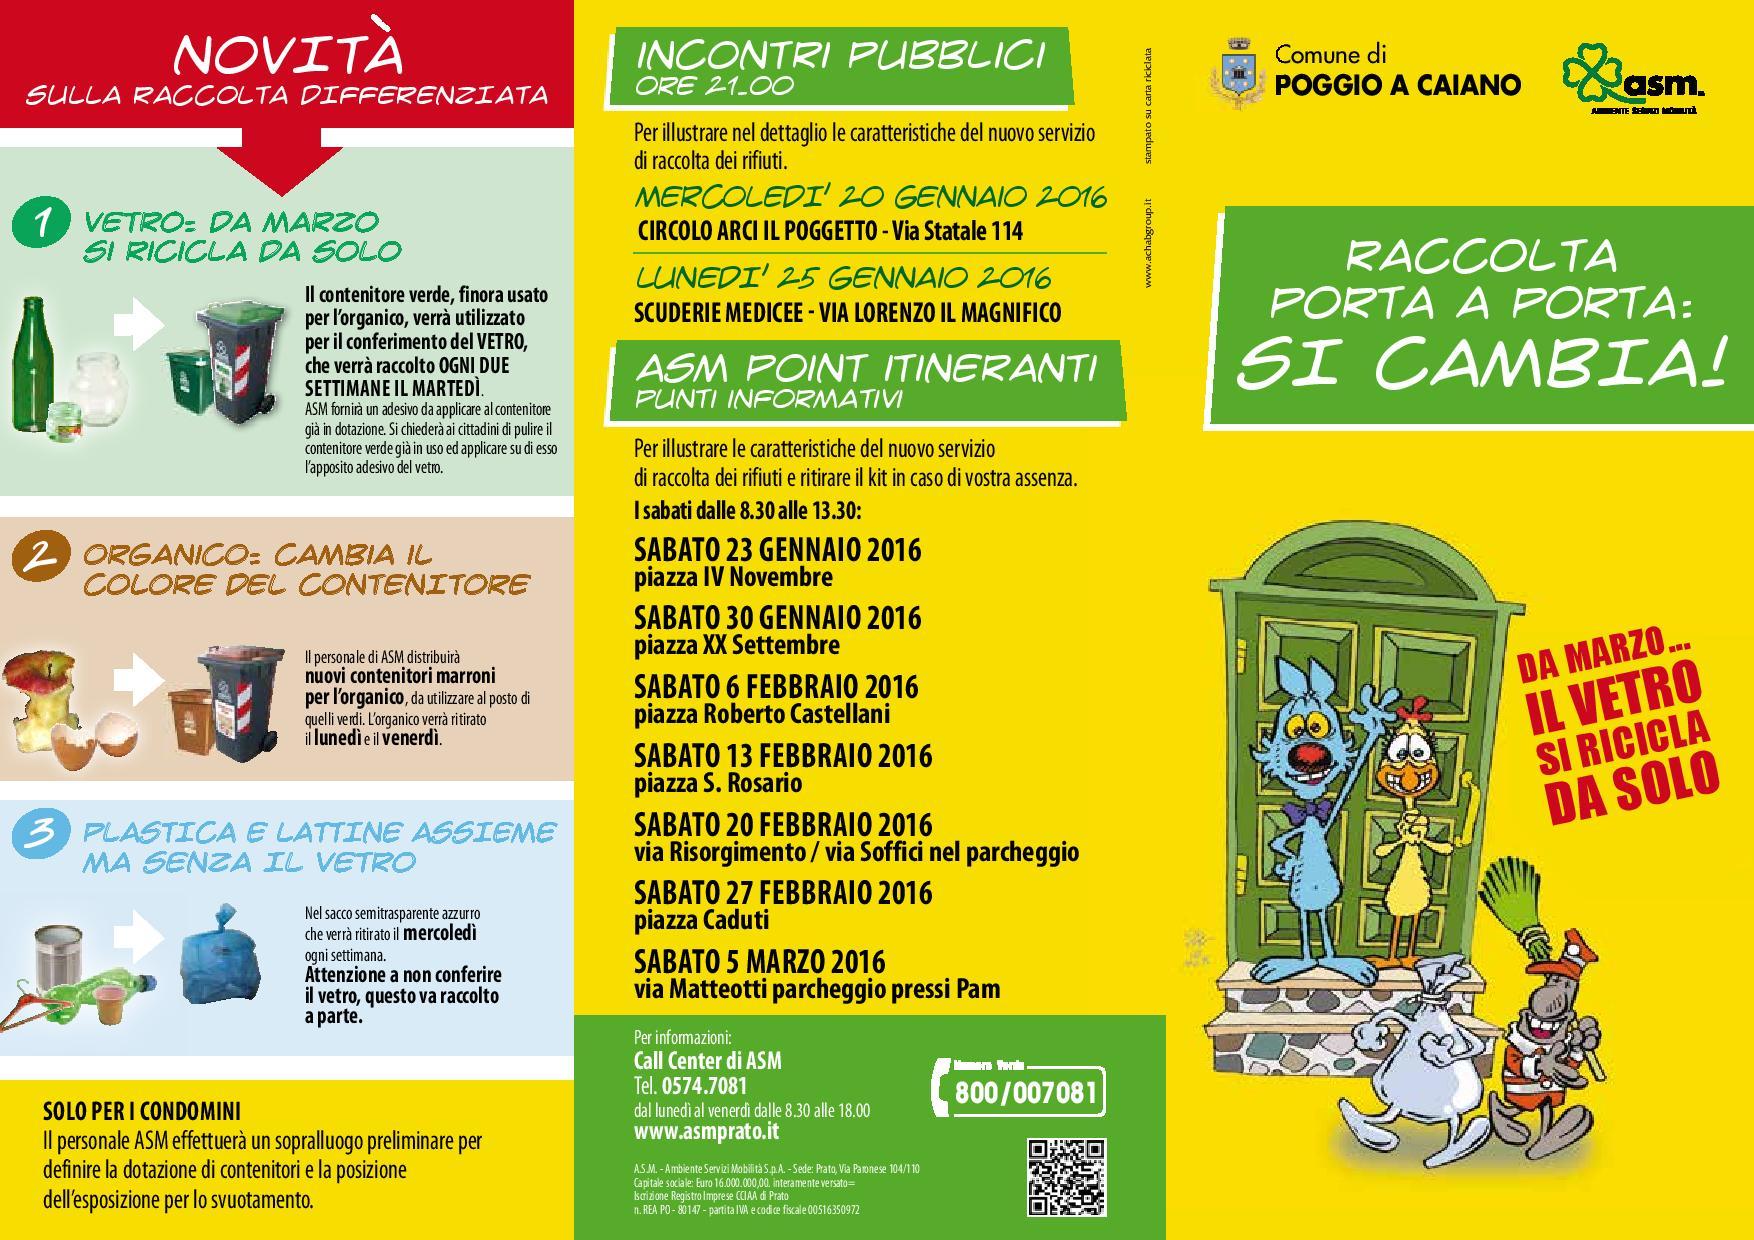 Calendario Alia Prato.Raccolta Monomateriale Del Vetro Al Via Da Marzo Comune